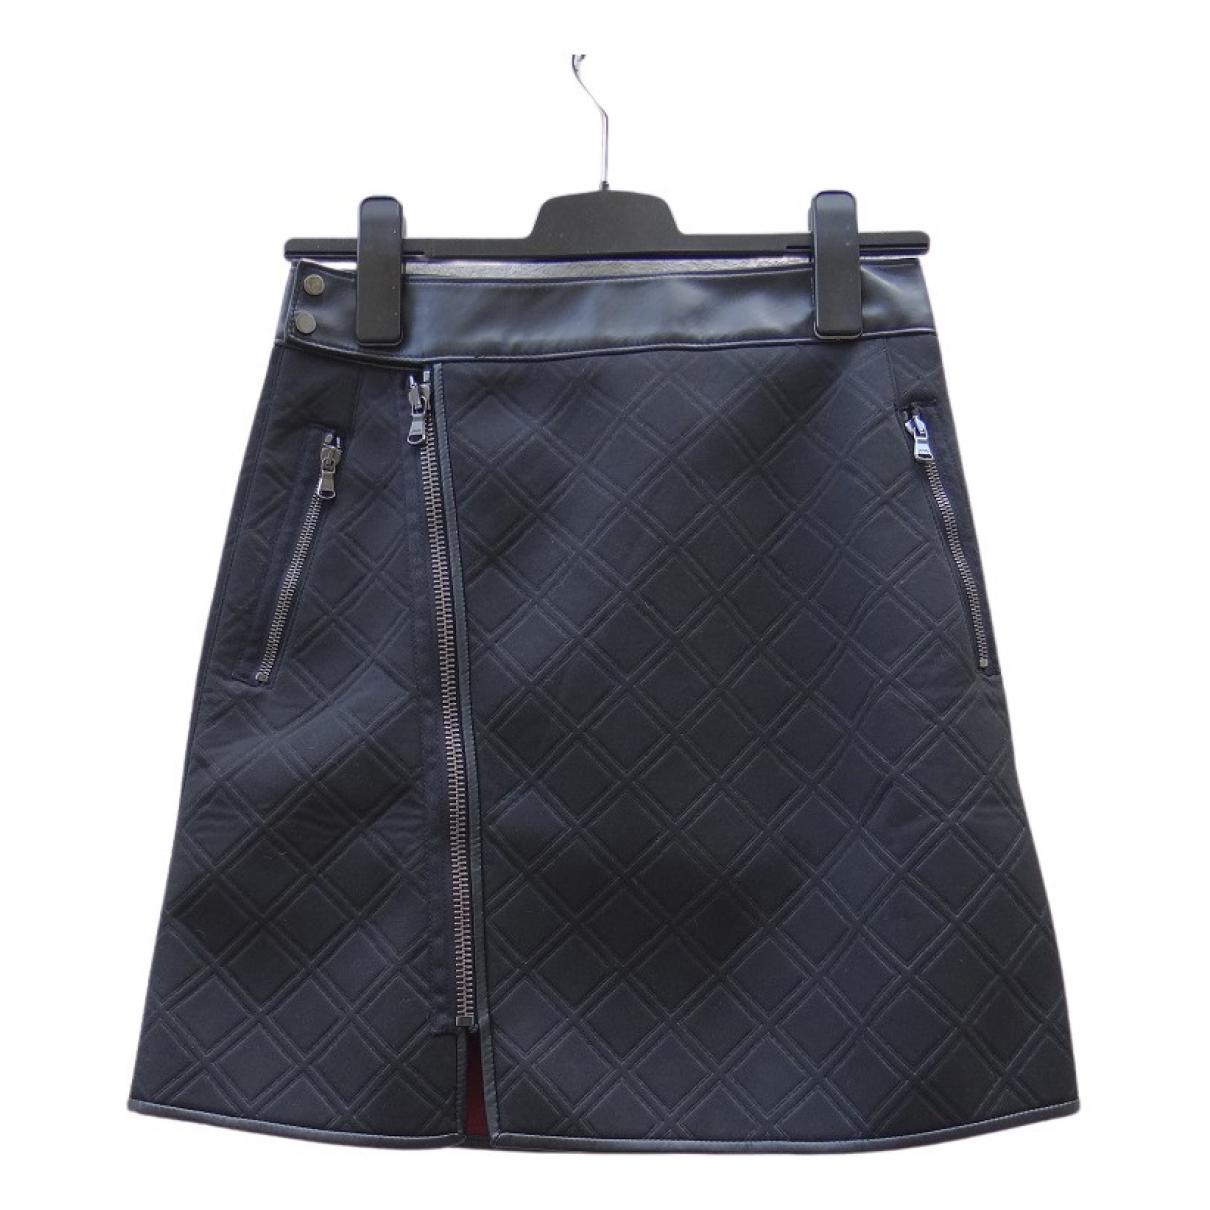 3.1 Phillip Lim N Black skirt for Women 4 US